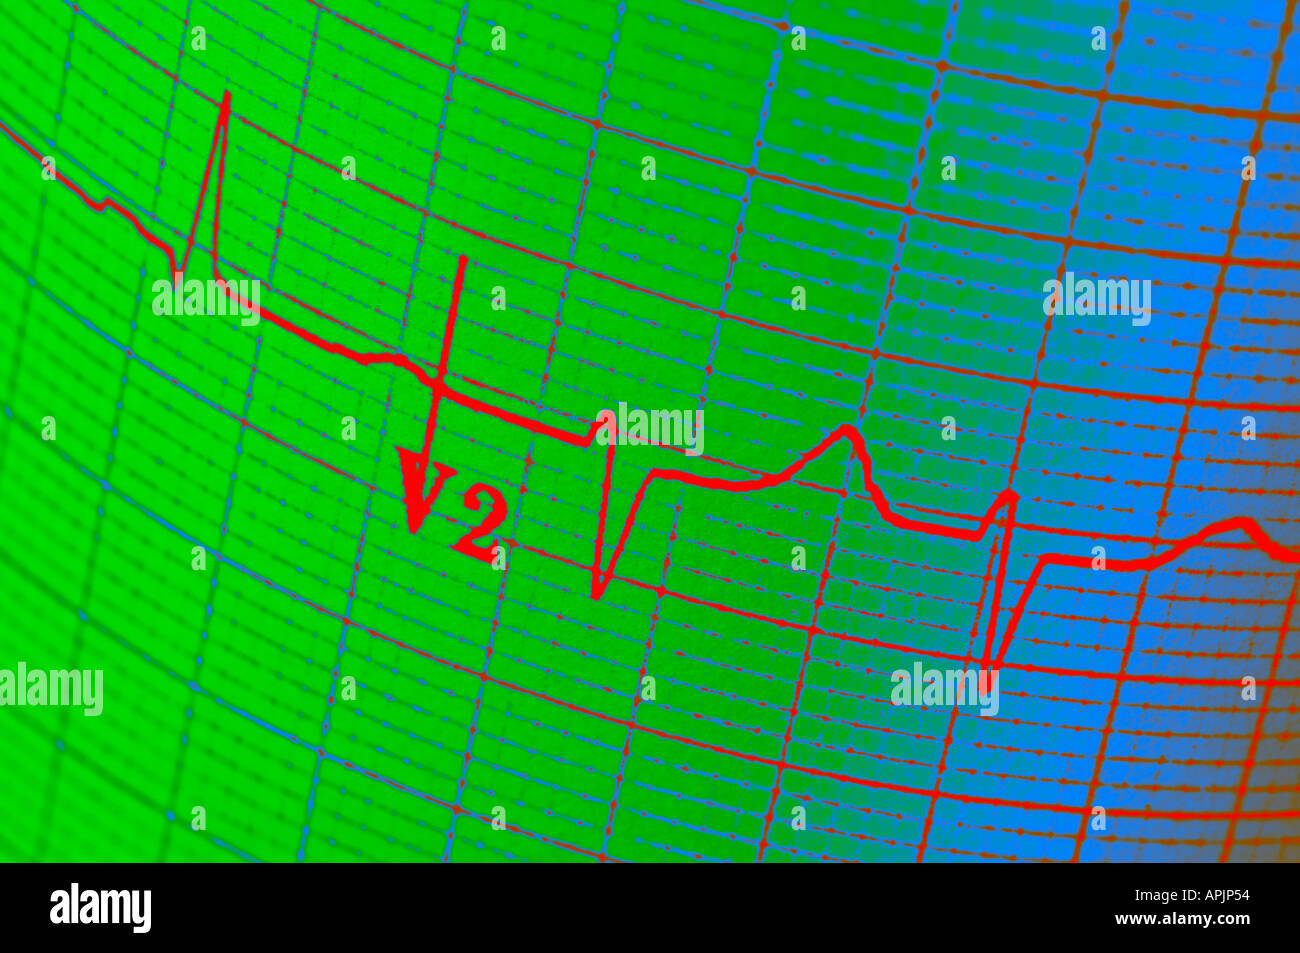 Électrocardiogramme électrocardiogramme concept vue rapprochée Photo Stock